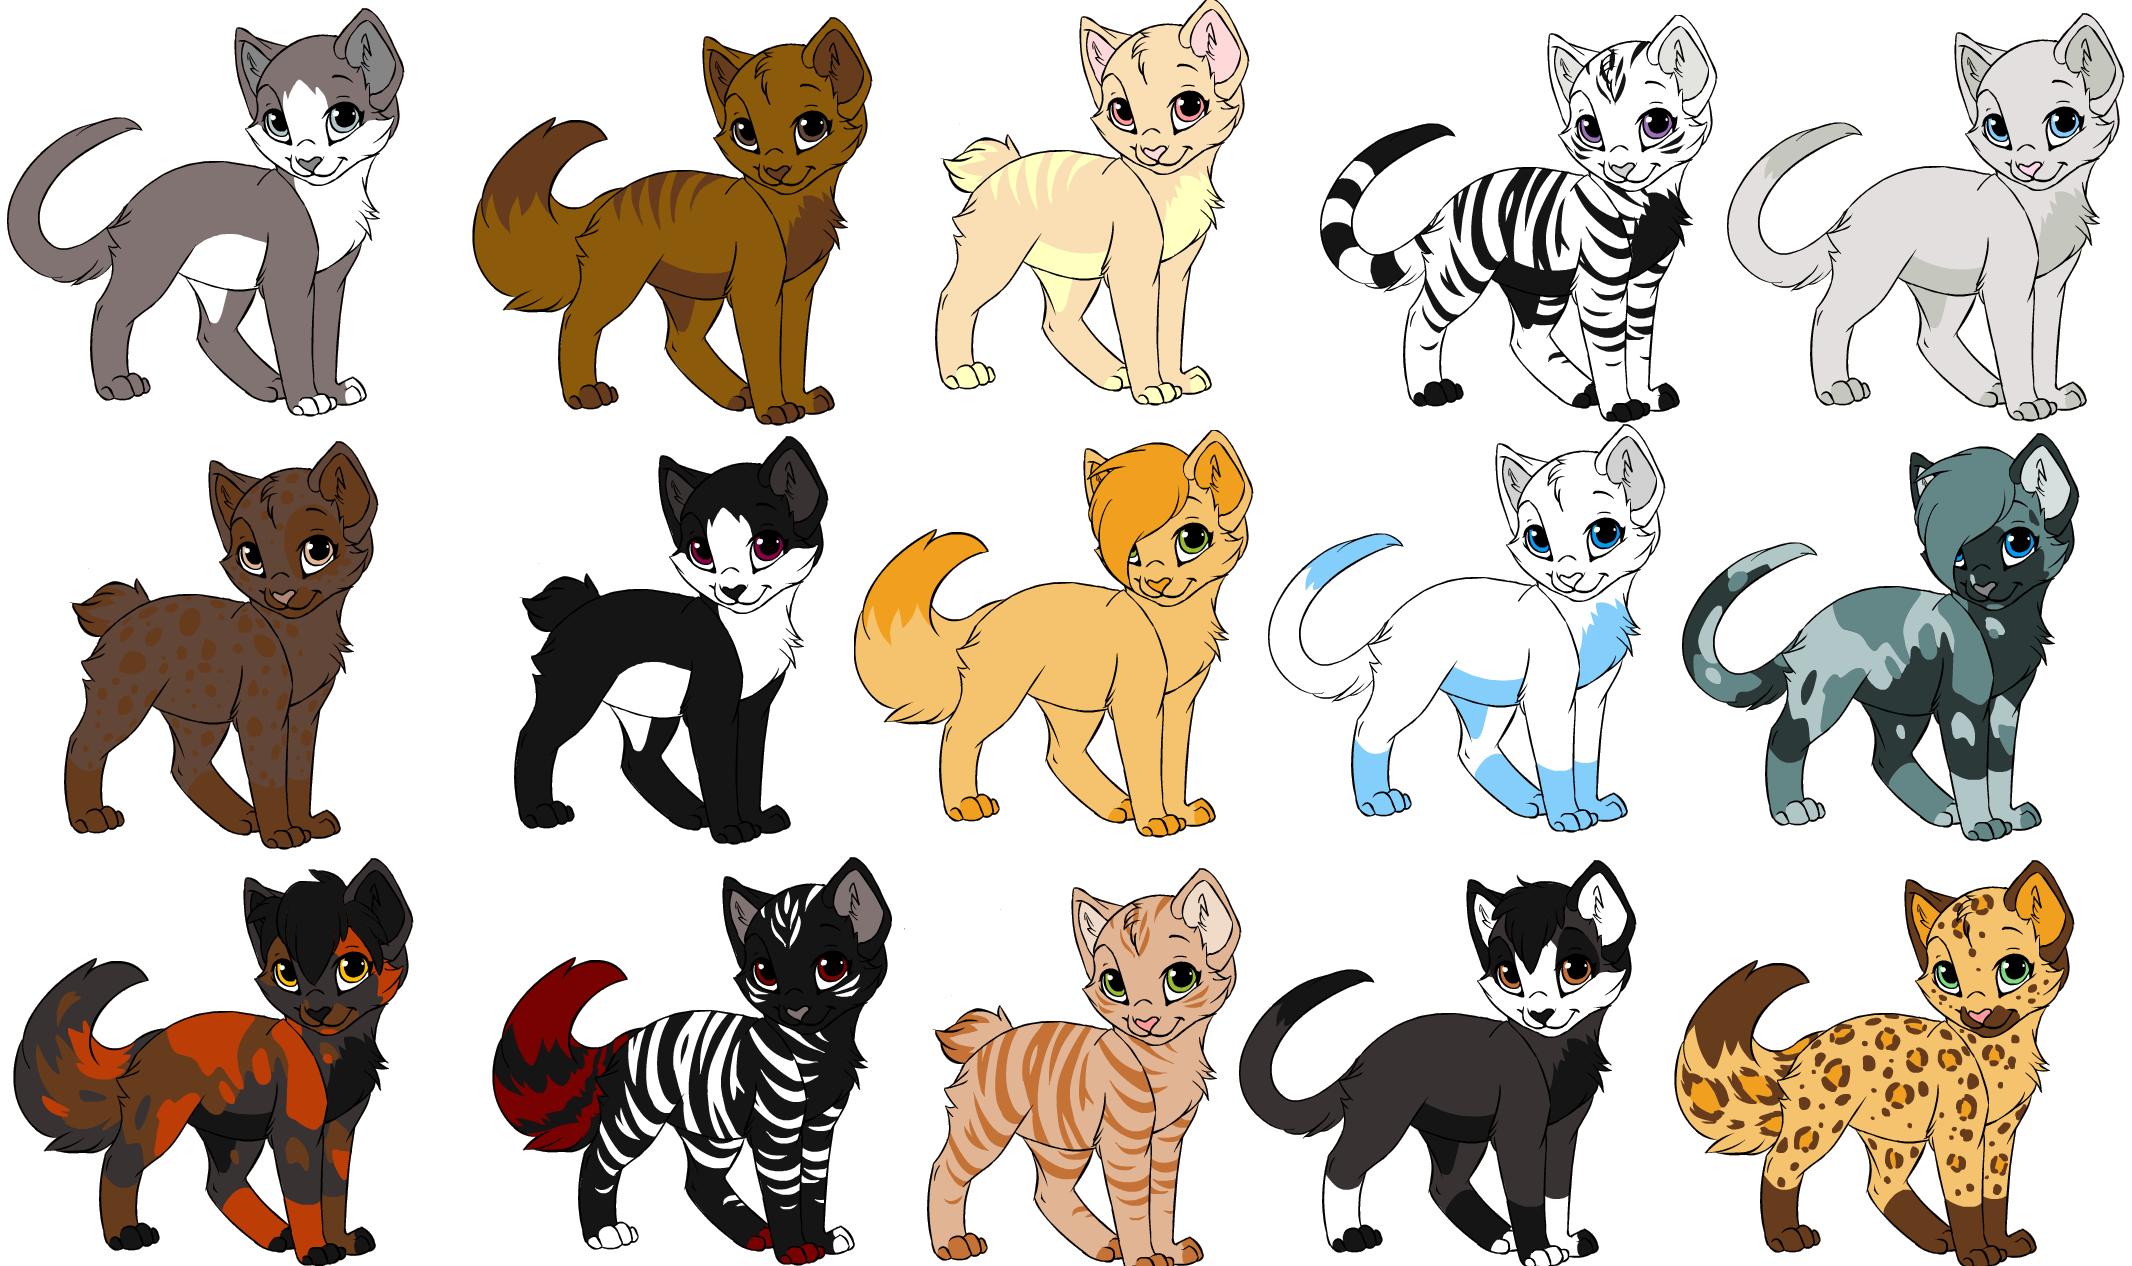 Cat Warriors Descriptions